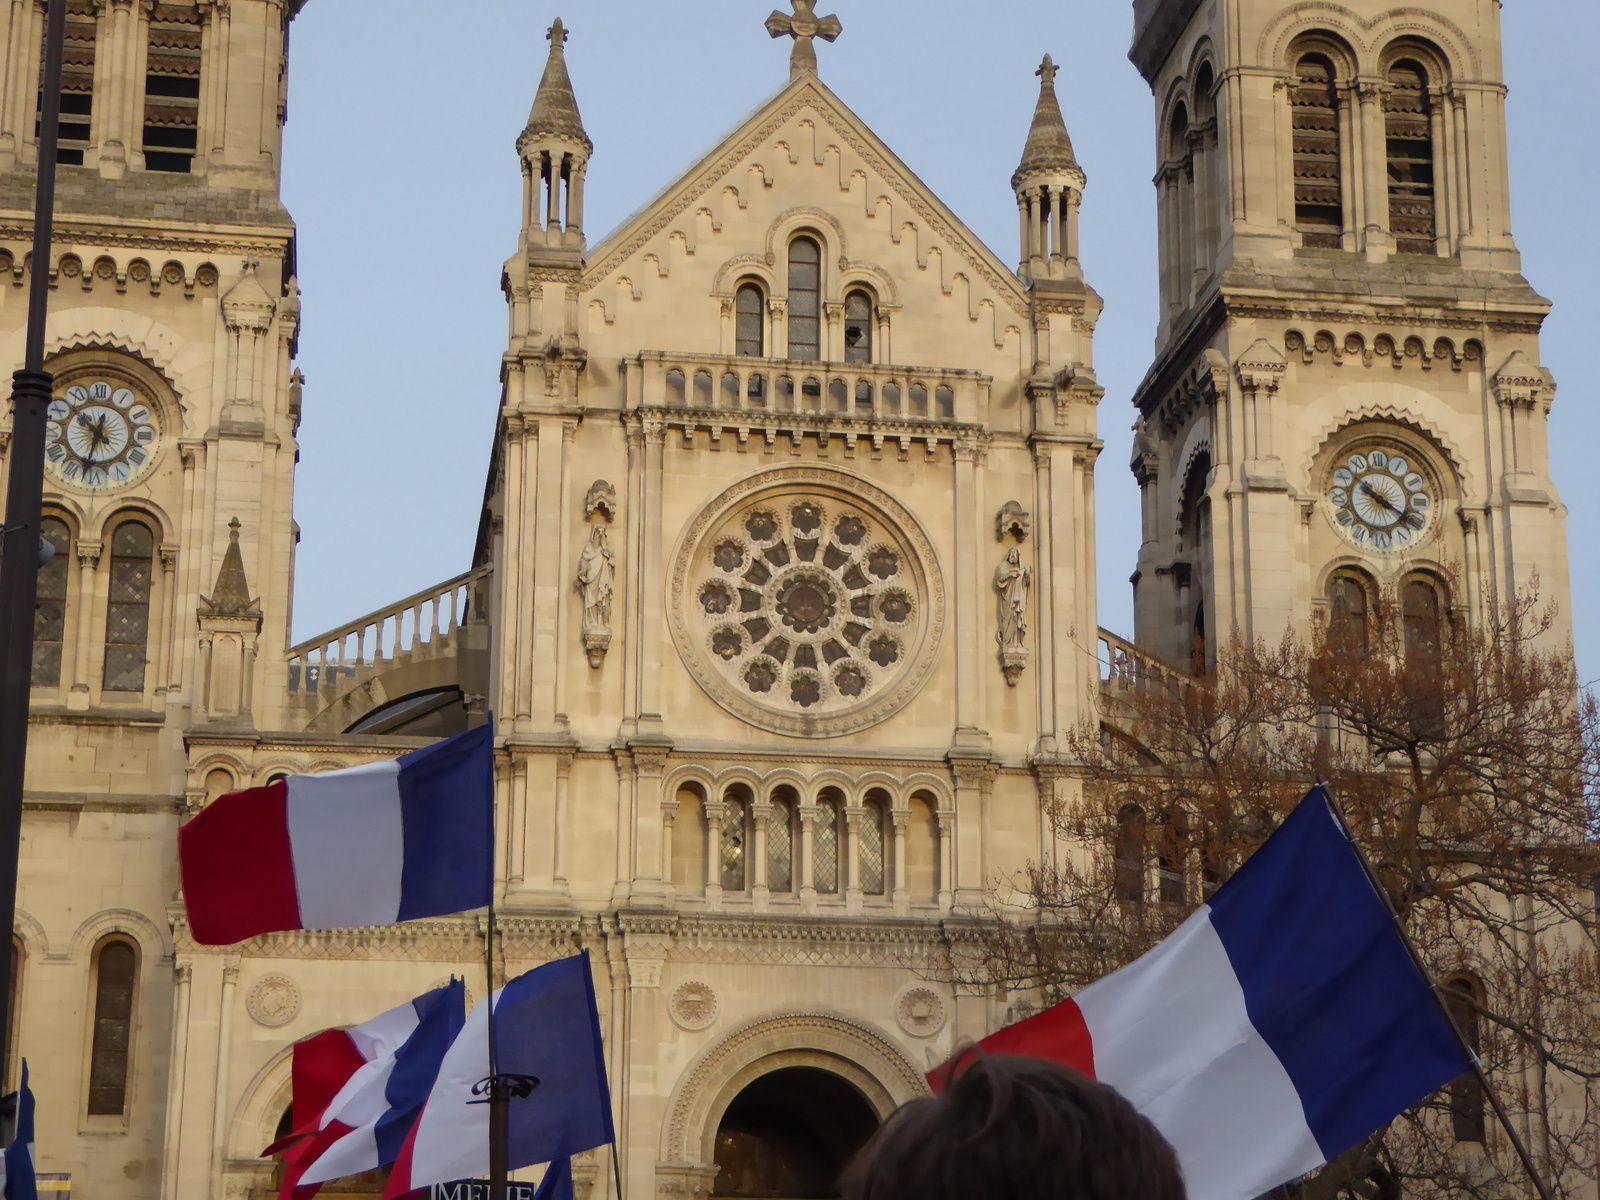 Place Voltaire, devant Saint-Ambroise, la une de Marianne et les drapeaux devant l'église...